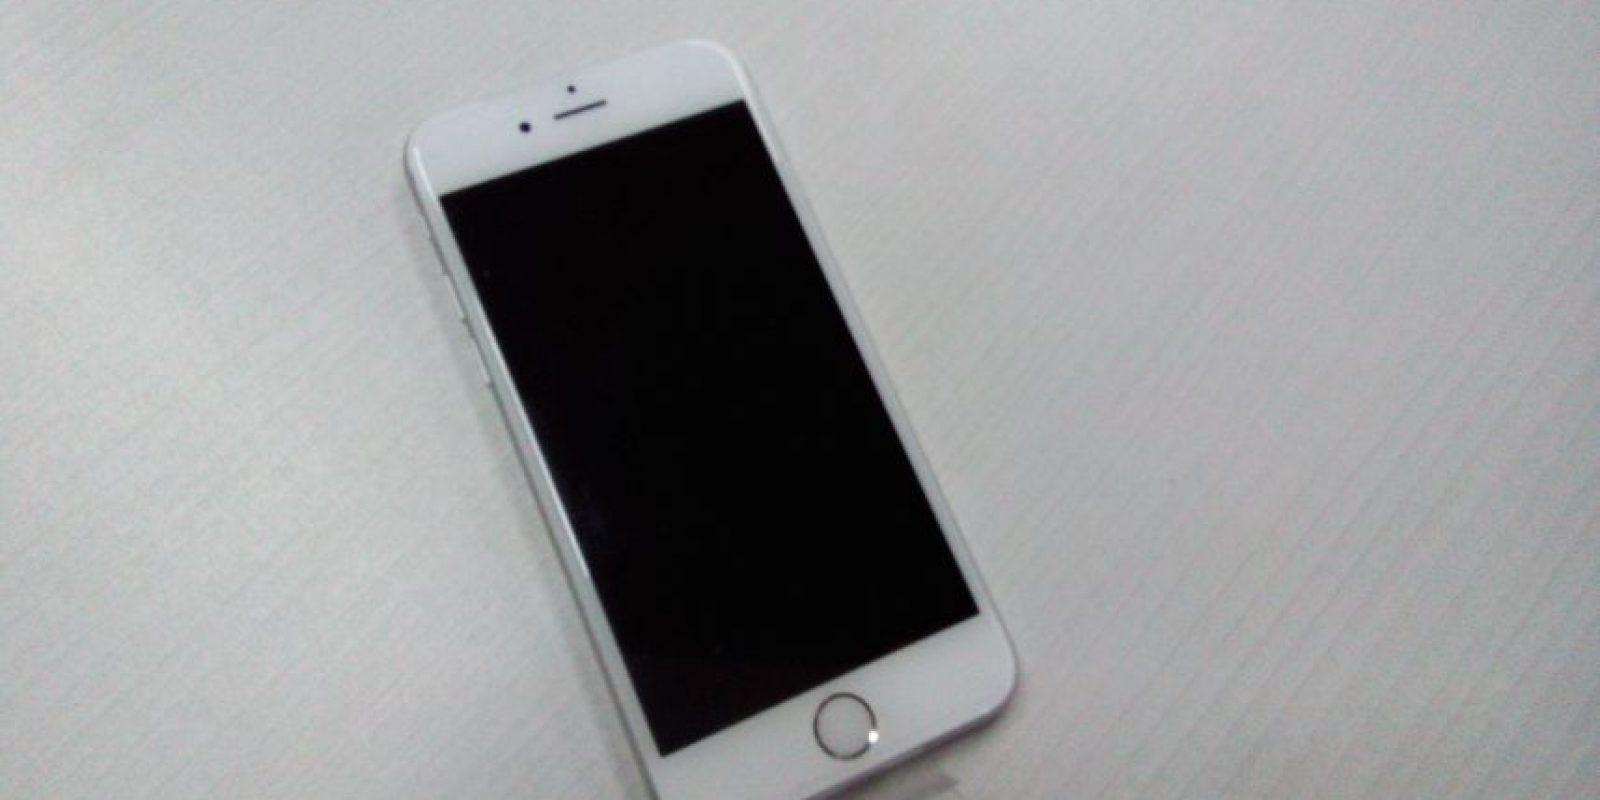 Para quienes desean un smartphone que pueda caber perfectamente en su bolsillo está el iPhone de 6s de 4.7 pulgadas, pero si lo quieren para leer documentos, ver películas o jugar cómodamente está el iPhone 6s Plus de 5.5 pulgadas. Foto:Cesar Acosta / Especial